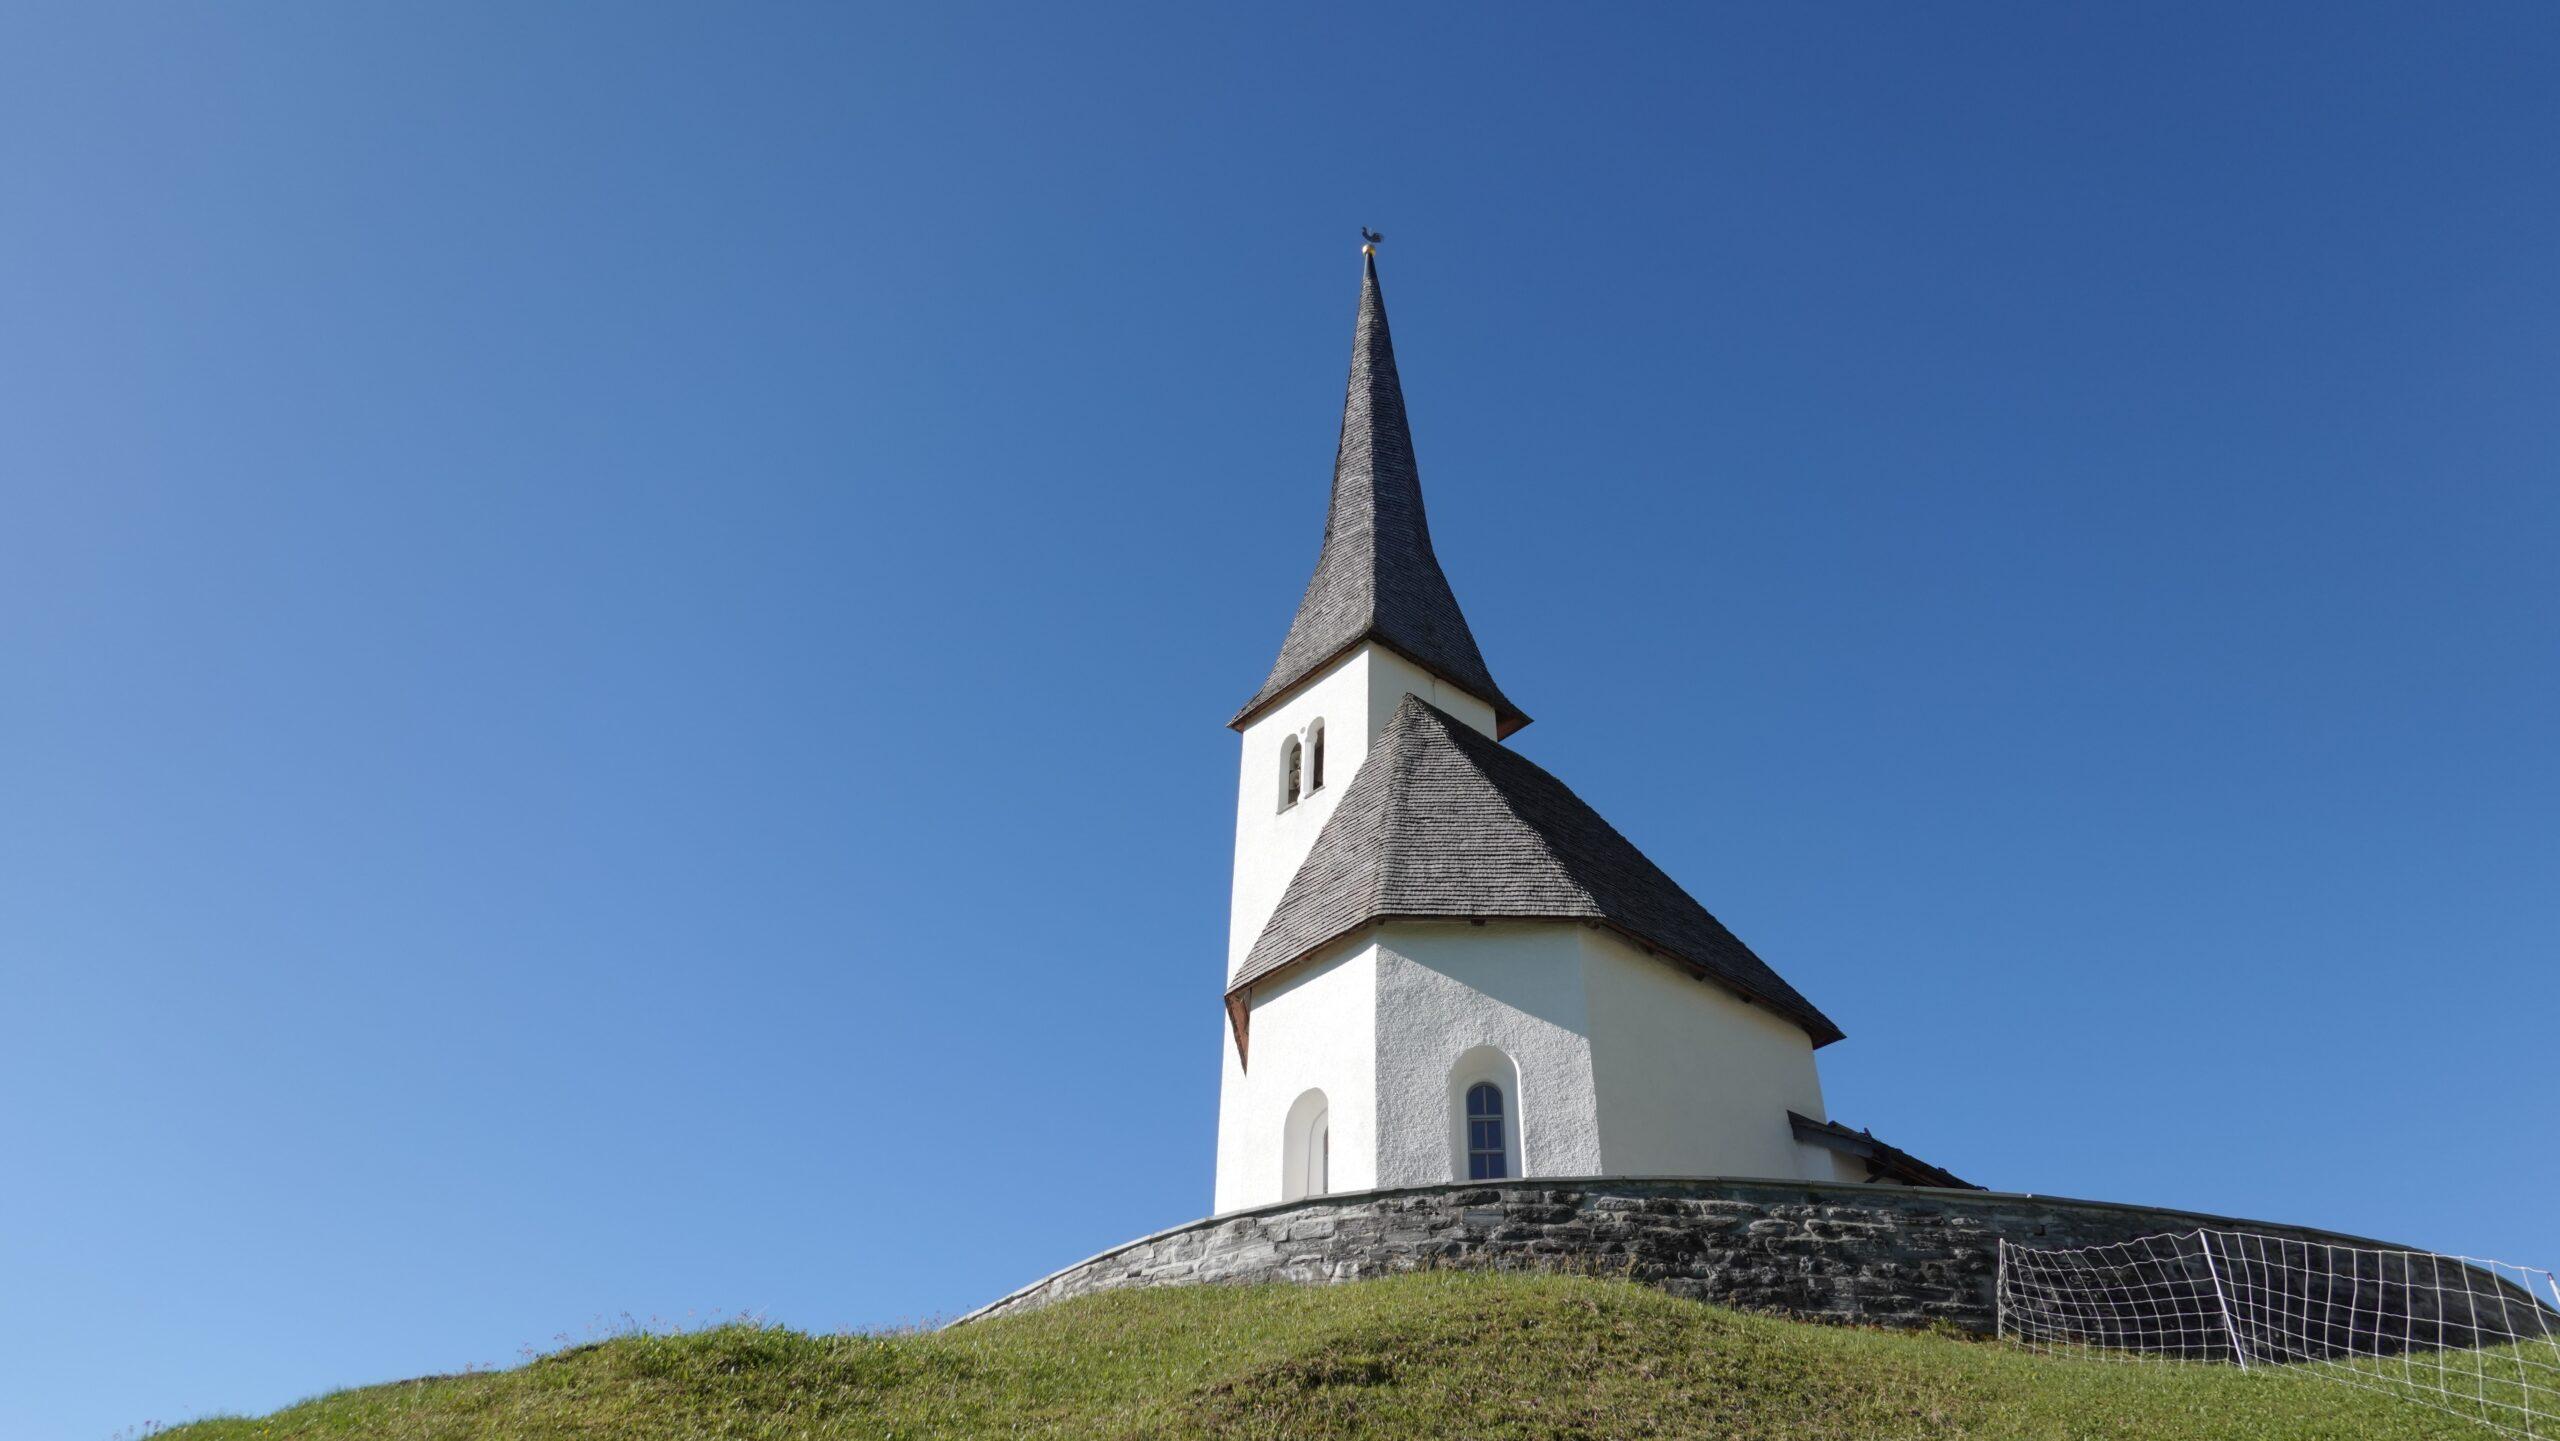 church, graubünden, religion